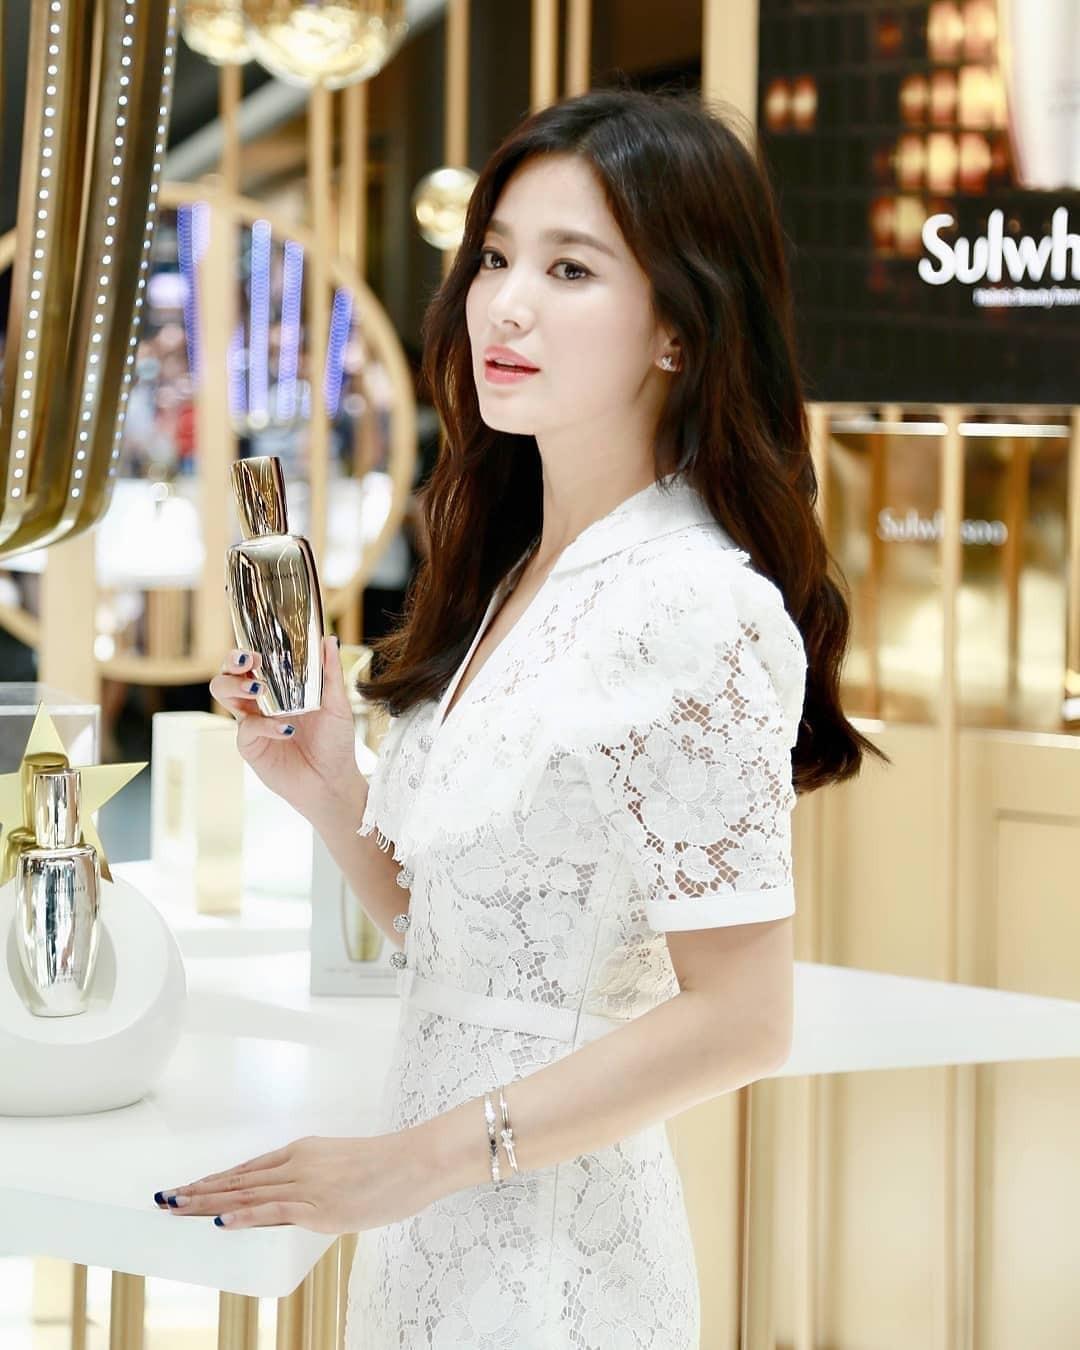 Clip đưa Song Hye Kyo lên top 1 tin hot nhất Hàn: Nhờ 1 câu nói của fan, mỹ nhân nở nụ cười đầu tiên giữa bão ly hôn - Ảnh 6.